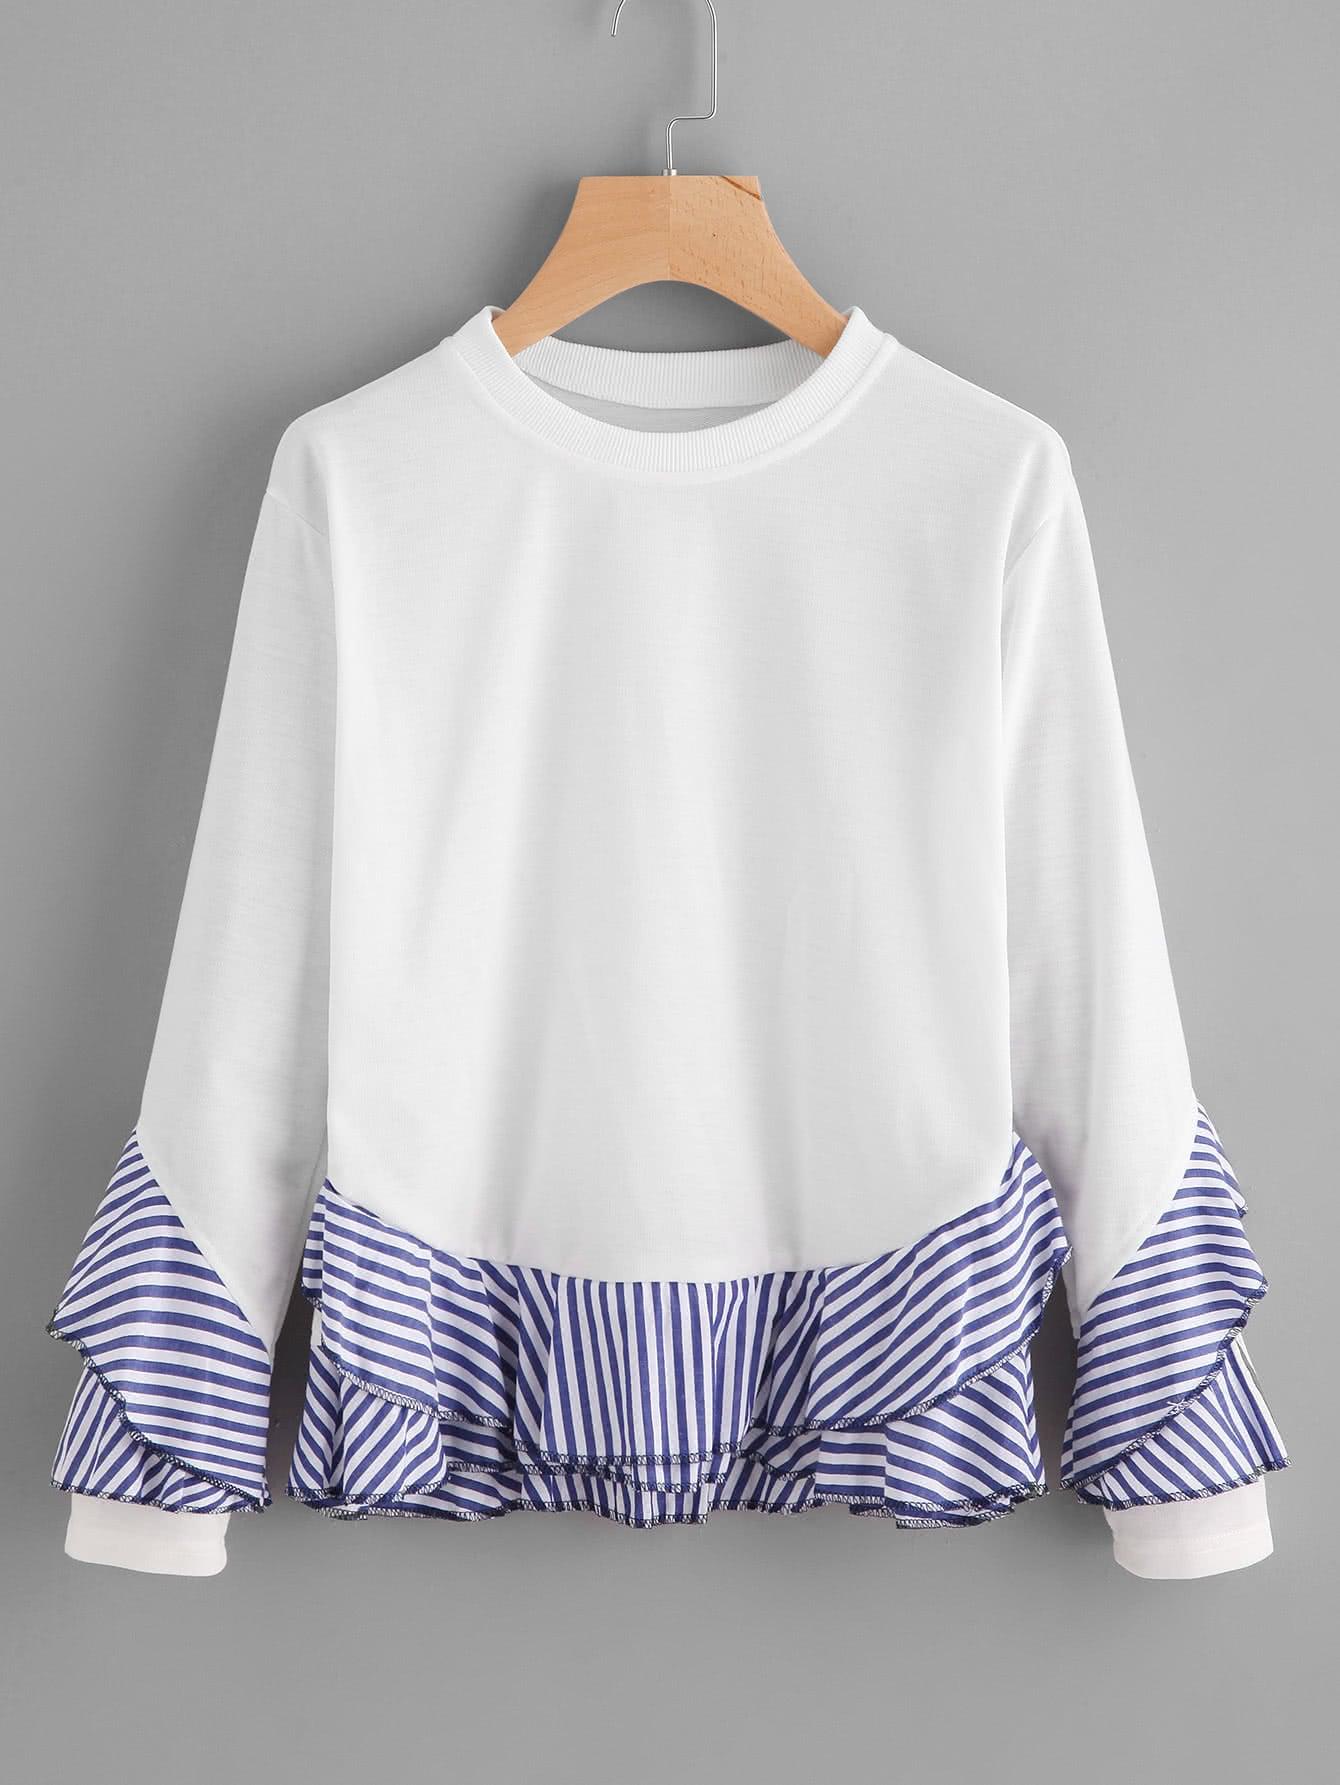 купить Contrast Striped Frill Trim Sweatshirt недорого